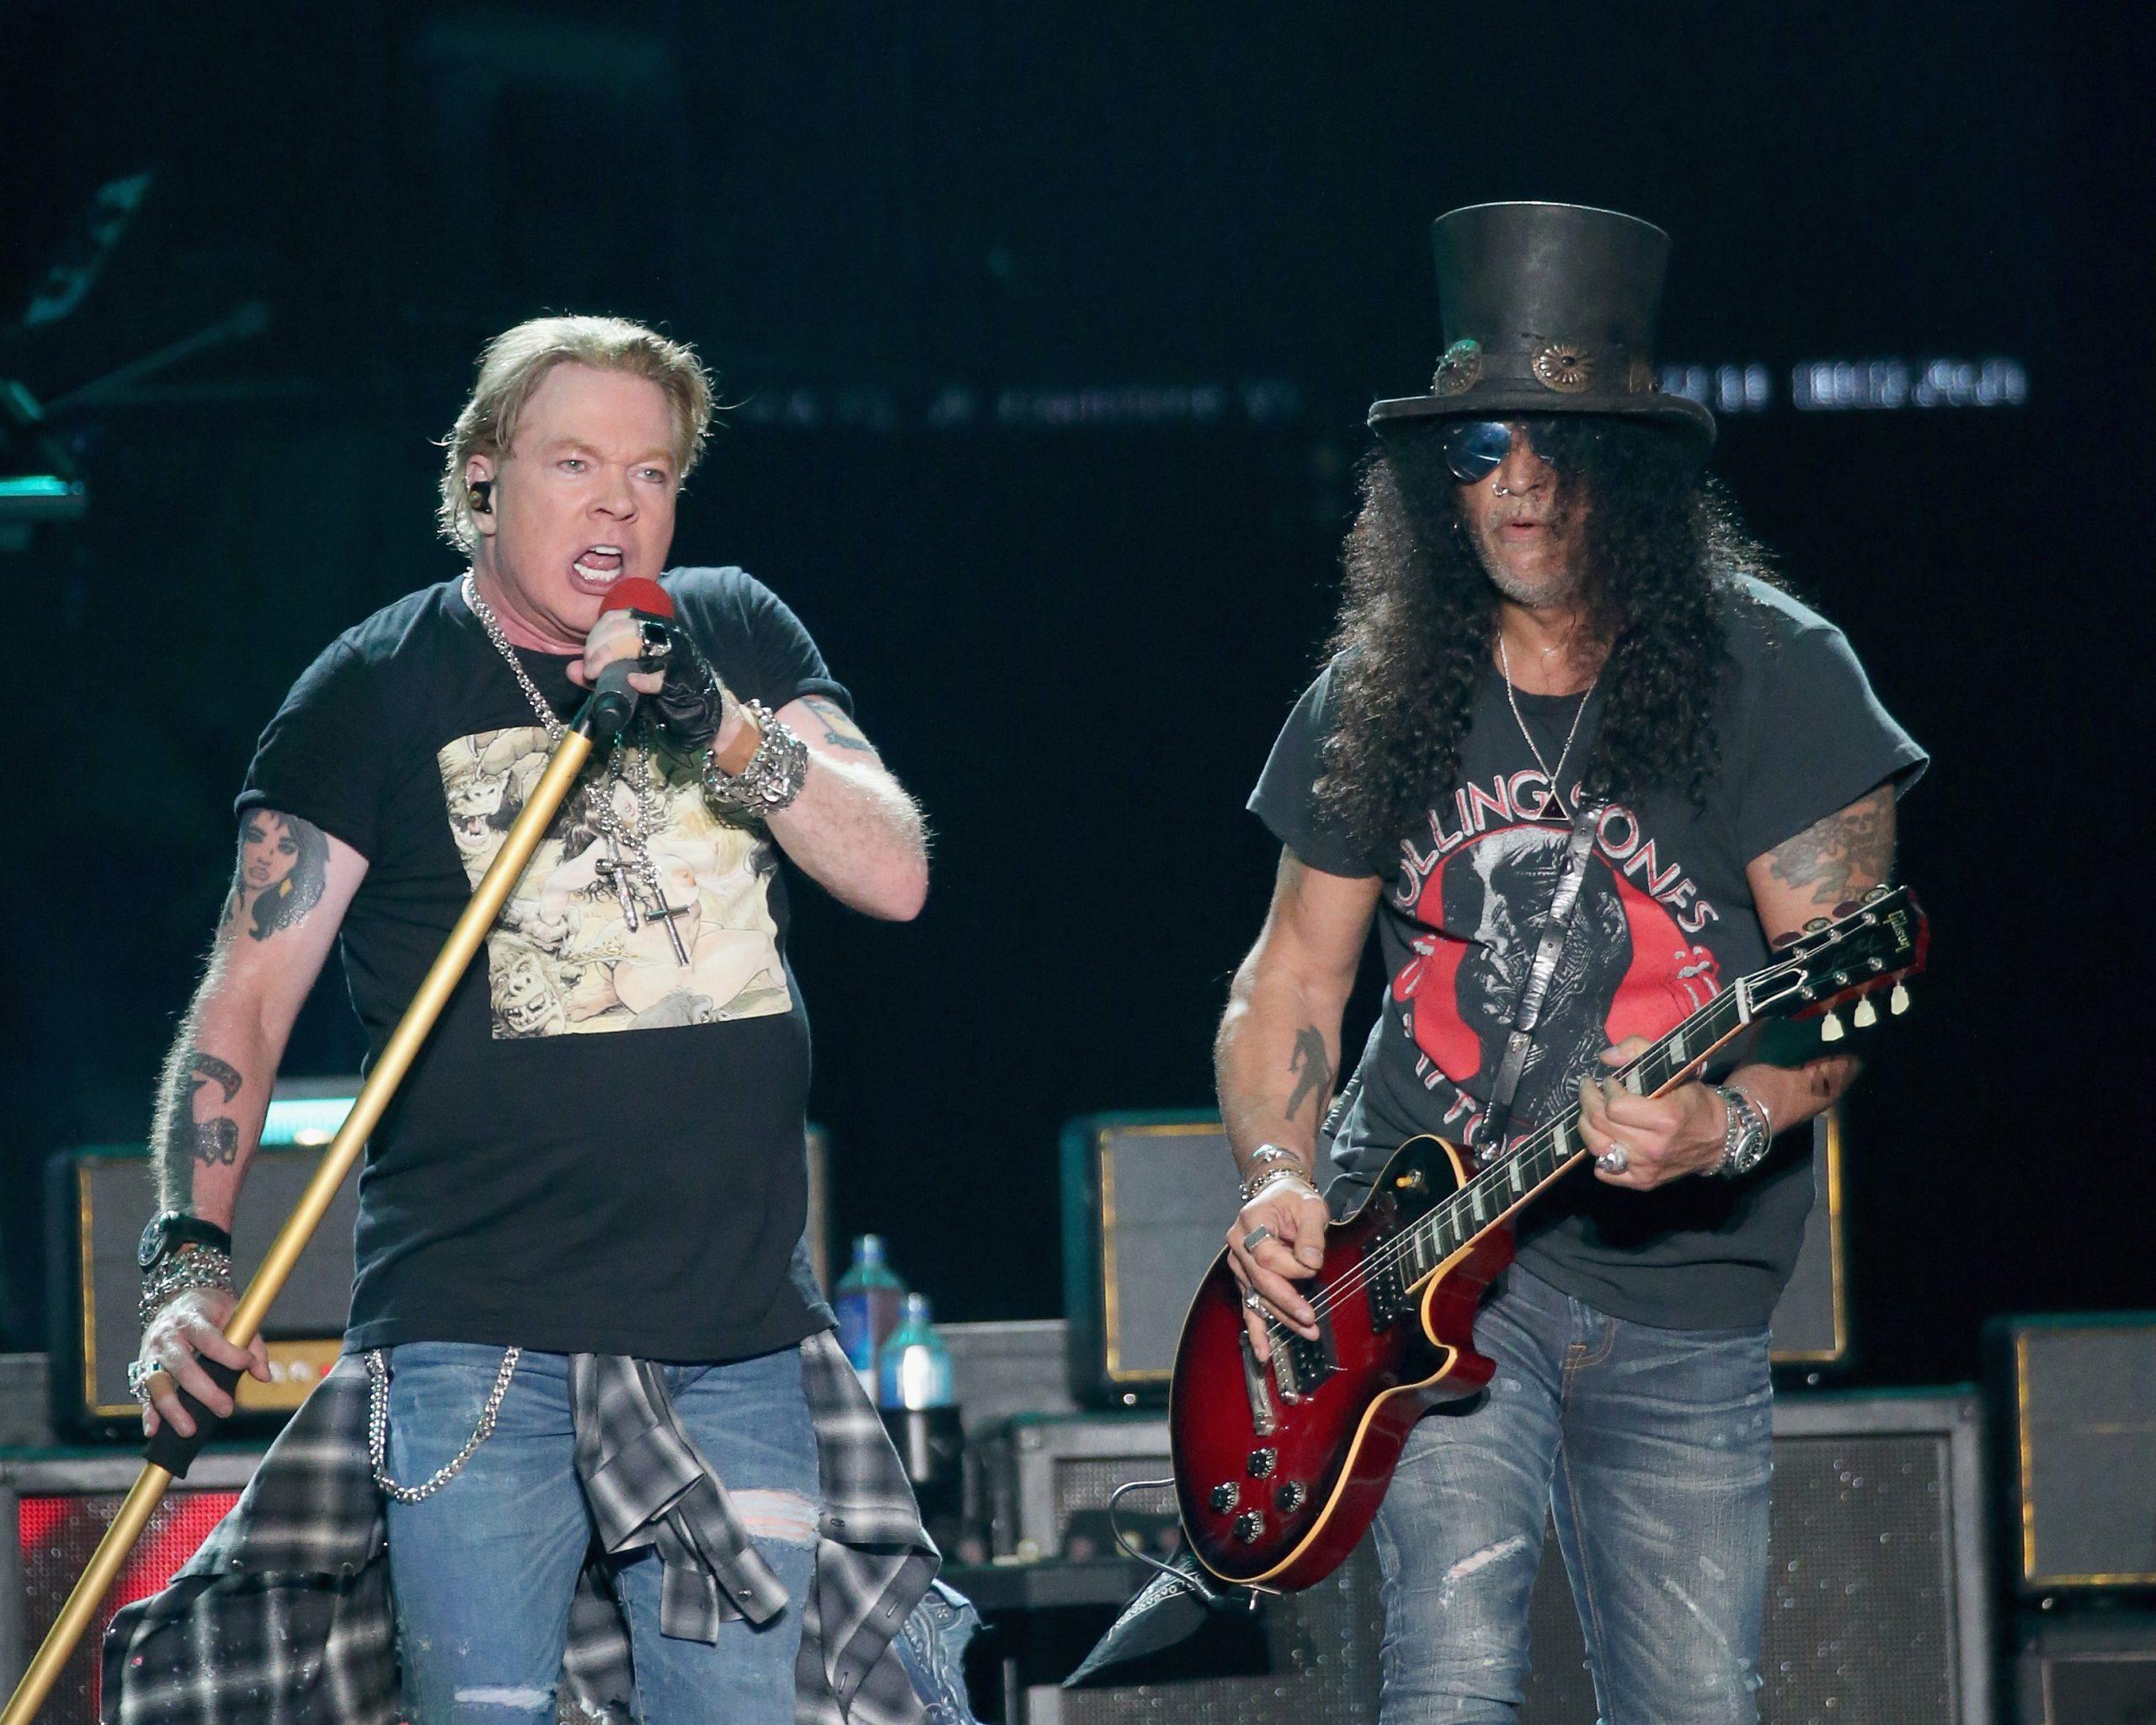 Se armó: ¡Guns N' Roses anuncia una serie de conciertos en México para 2021!